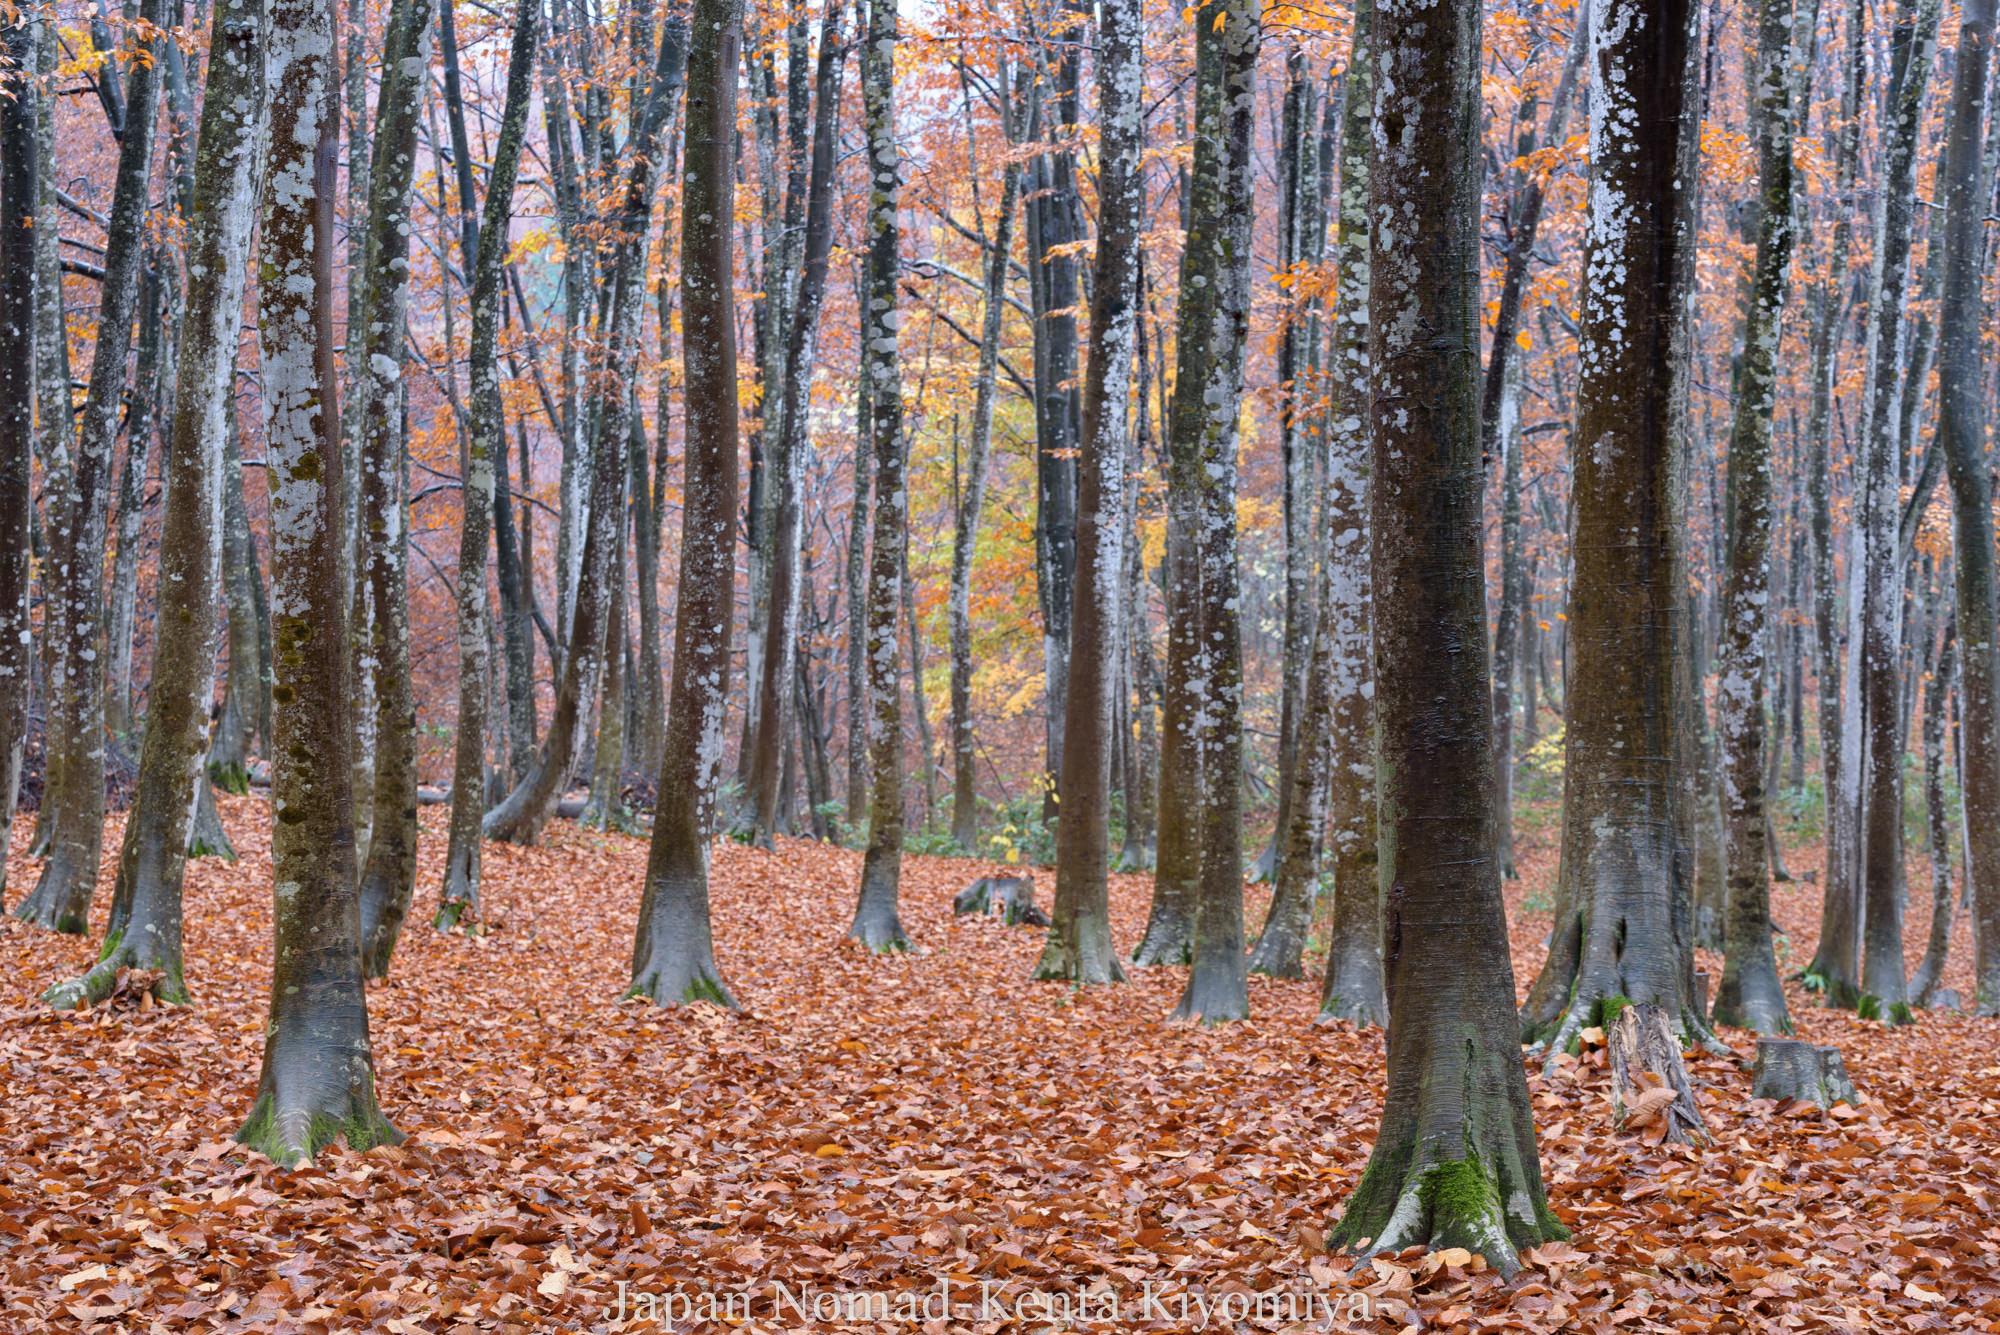 【旅140日目】十日町の絶景、紅葉のカーペットに立つ晩秋の美人林